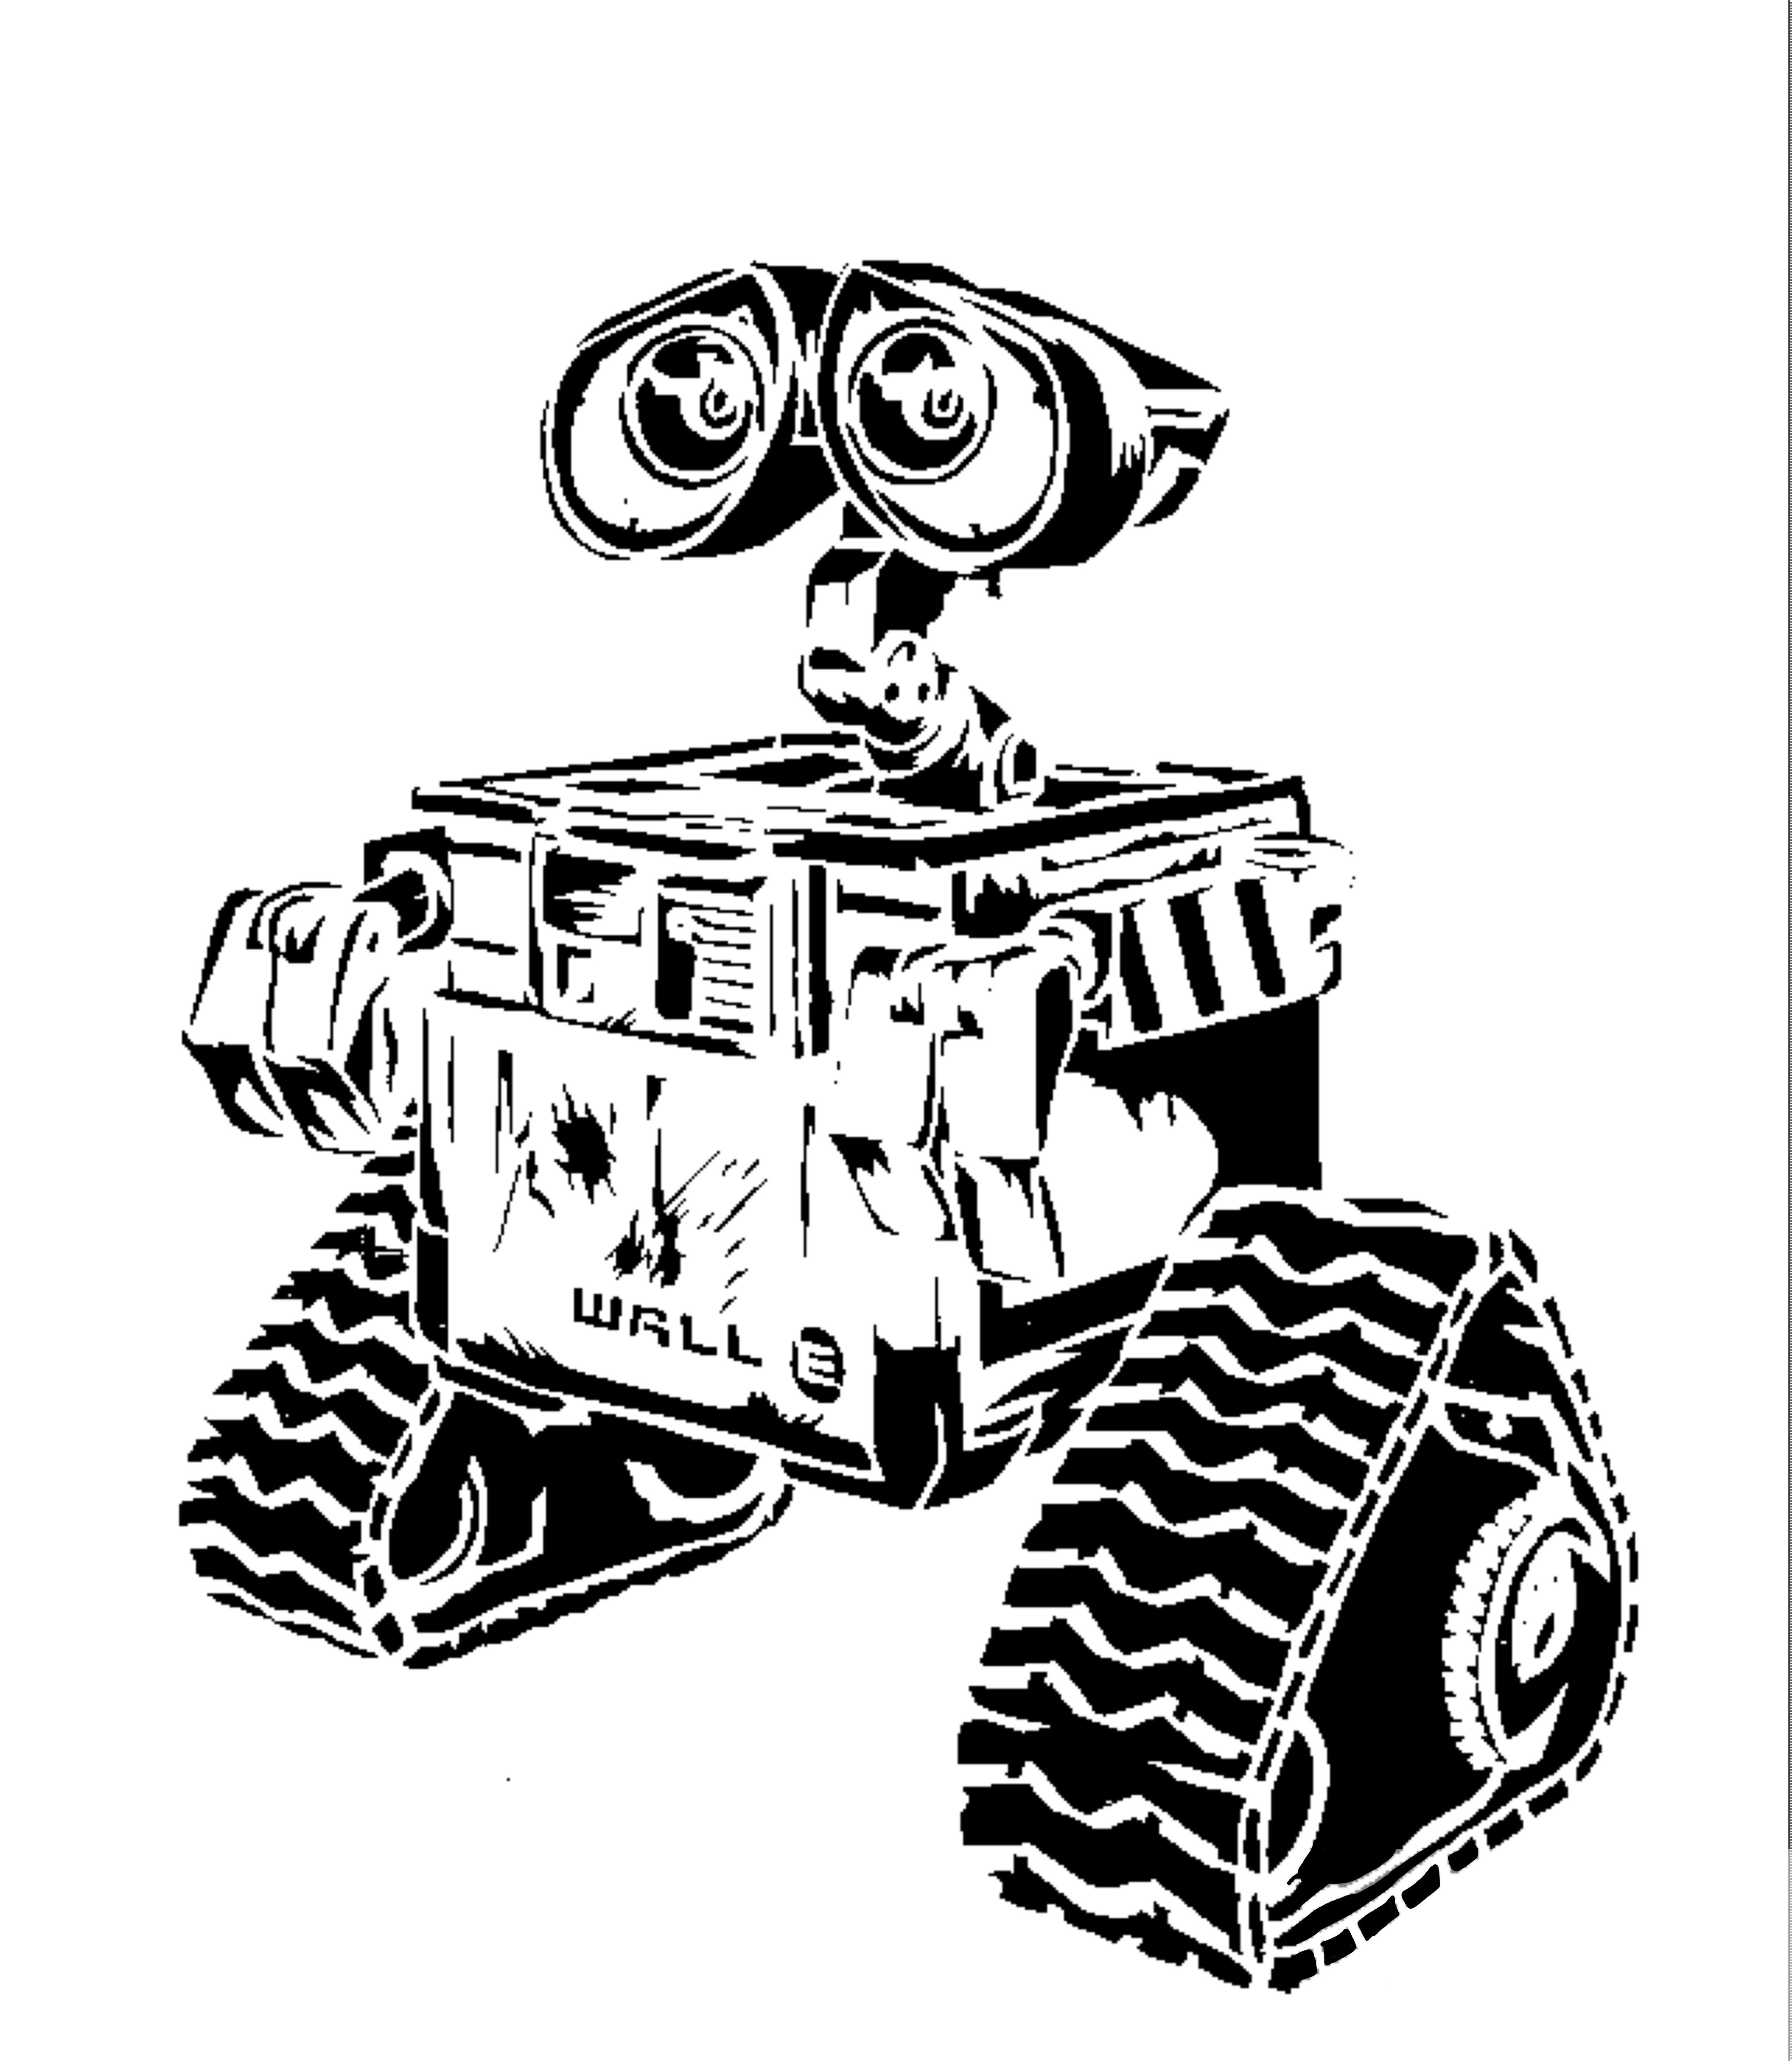 Wall-E stencil